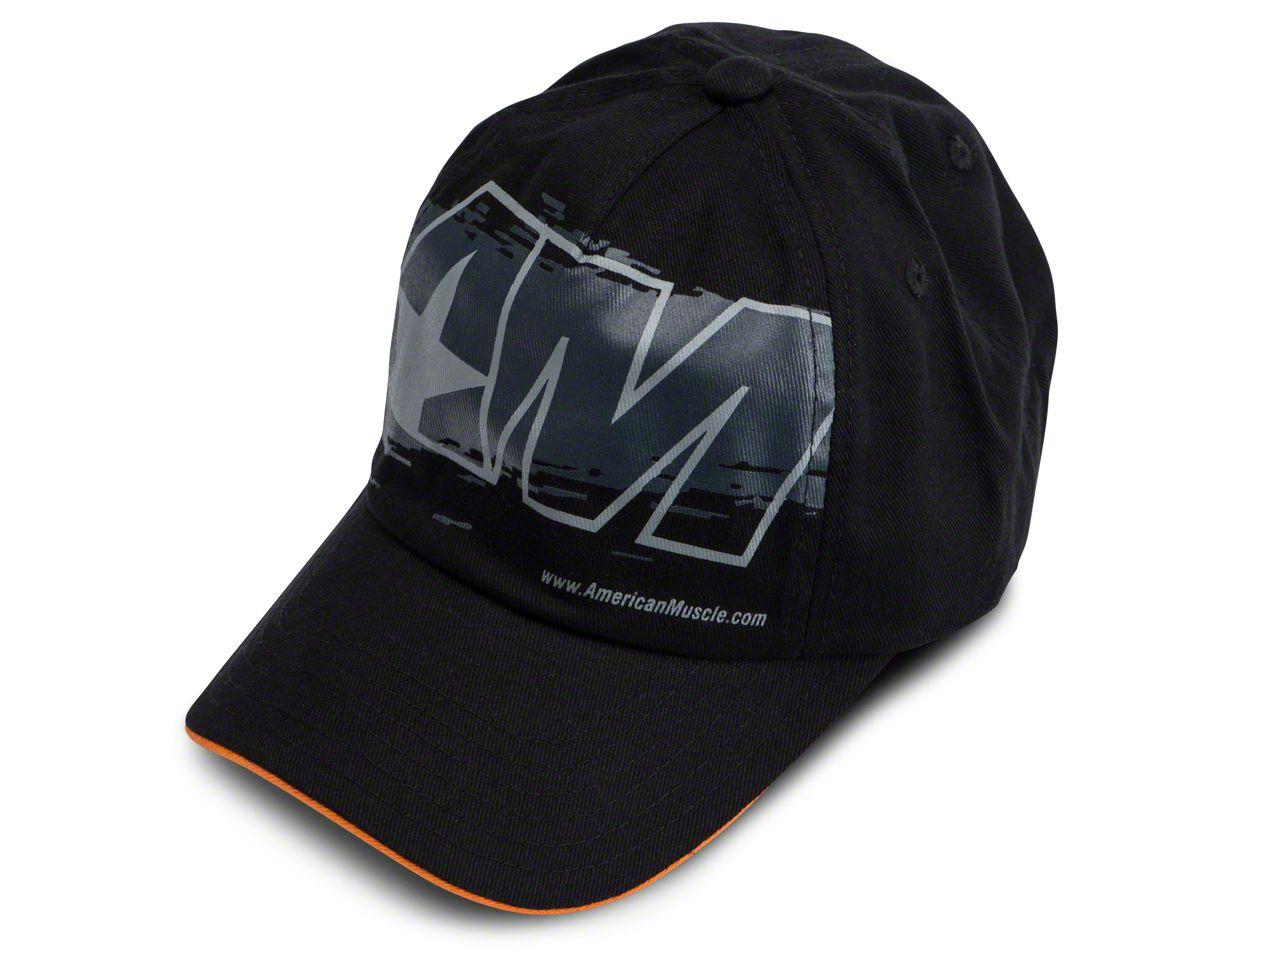 AM Shredded Hat